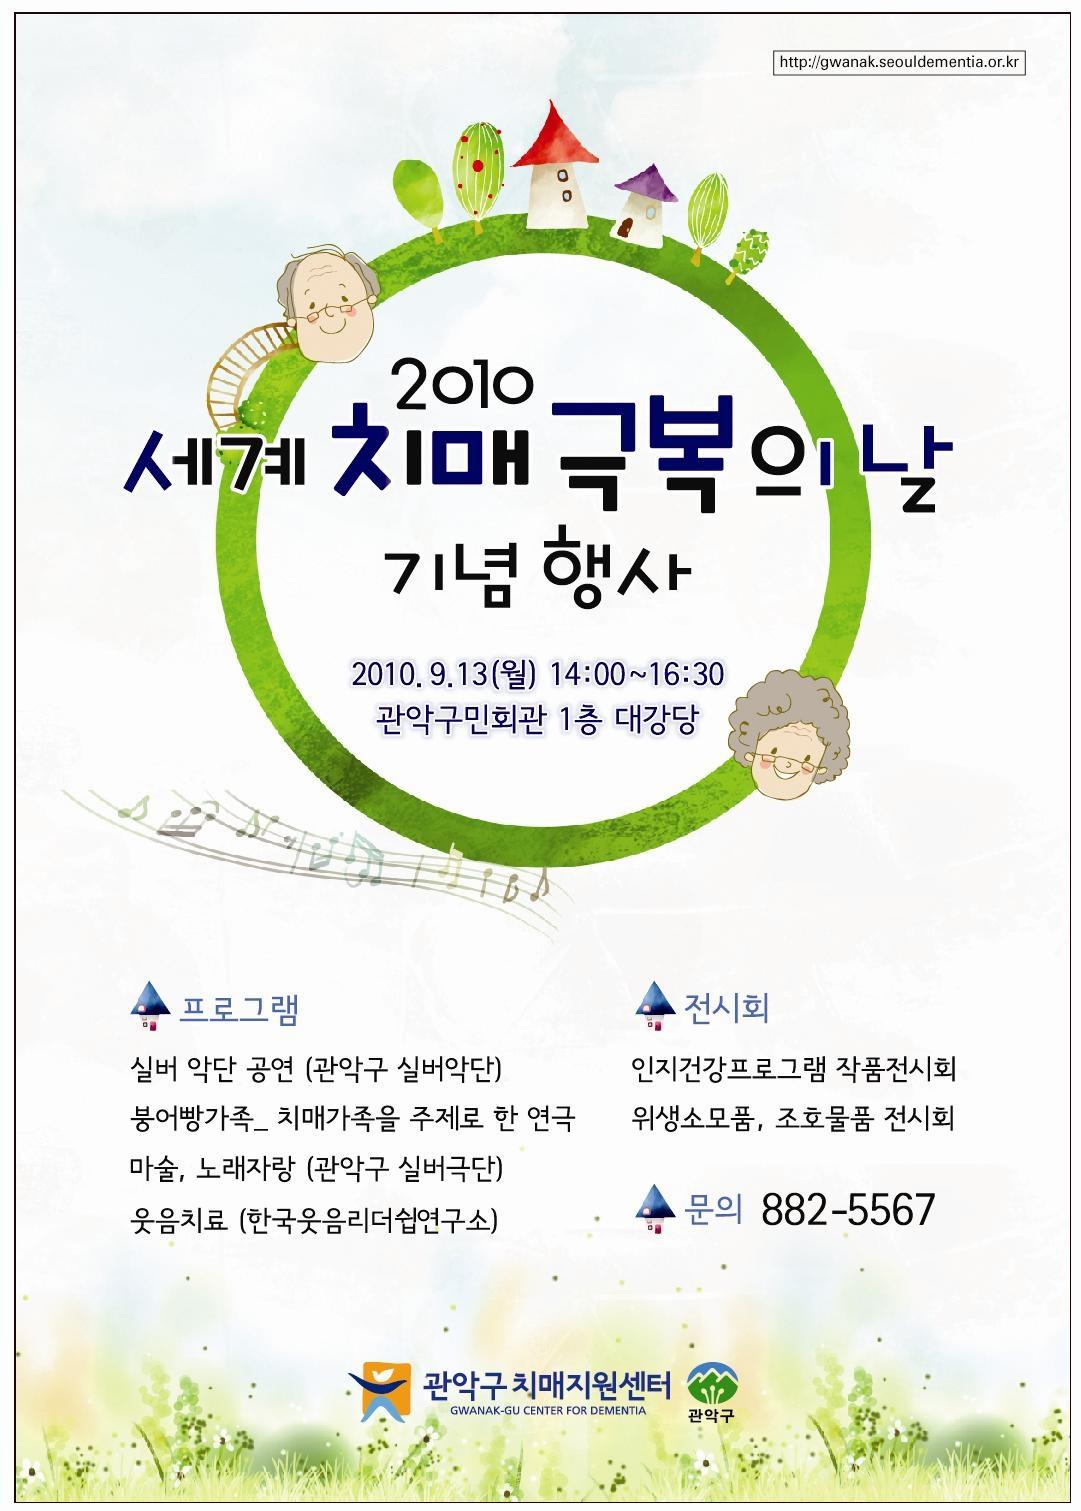 2010 세계치매의 날 기념행사에 초대합니다.